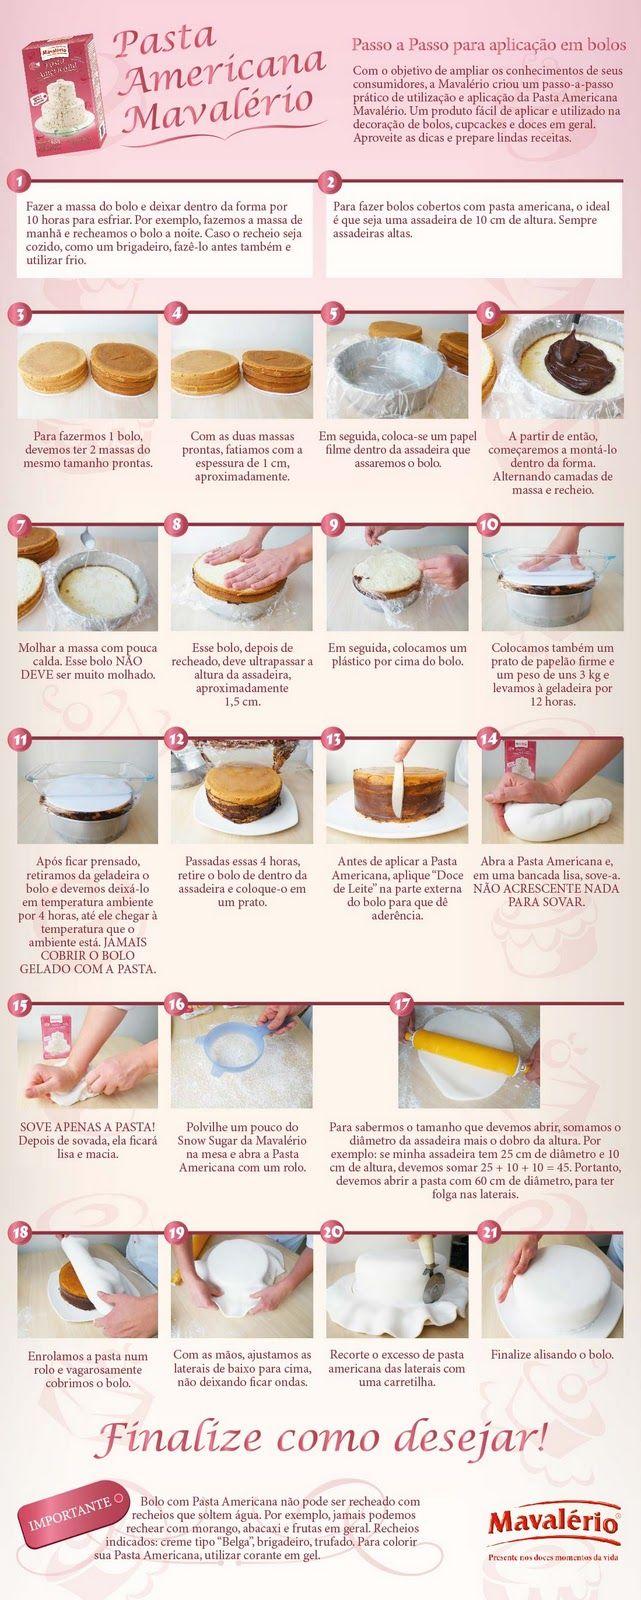 Passo a passo pra você cobrir bolos com pasta americana de maneira facil Depois de pronto, use a sua criatividade para decorar! ...